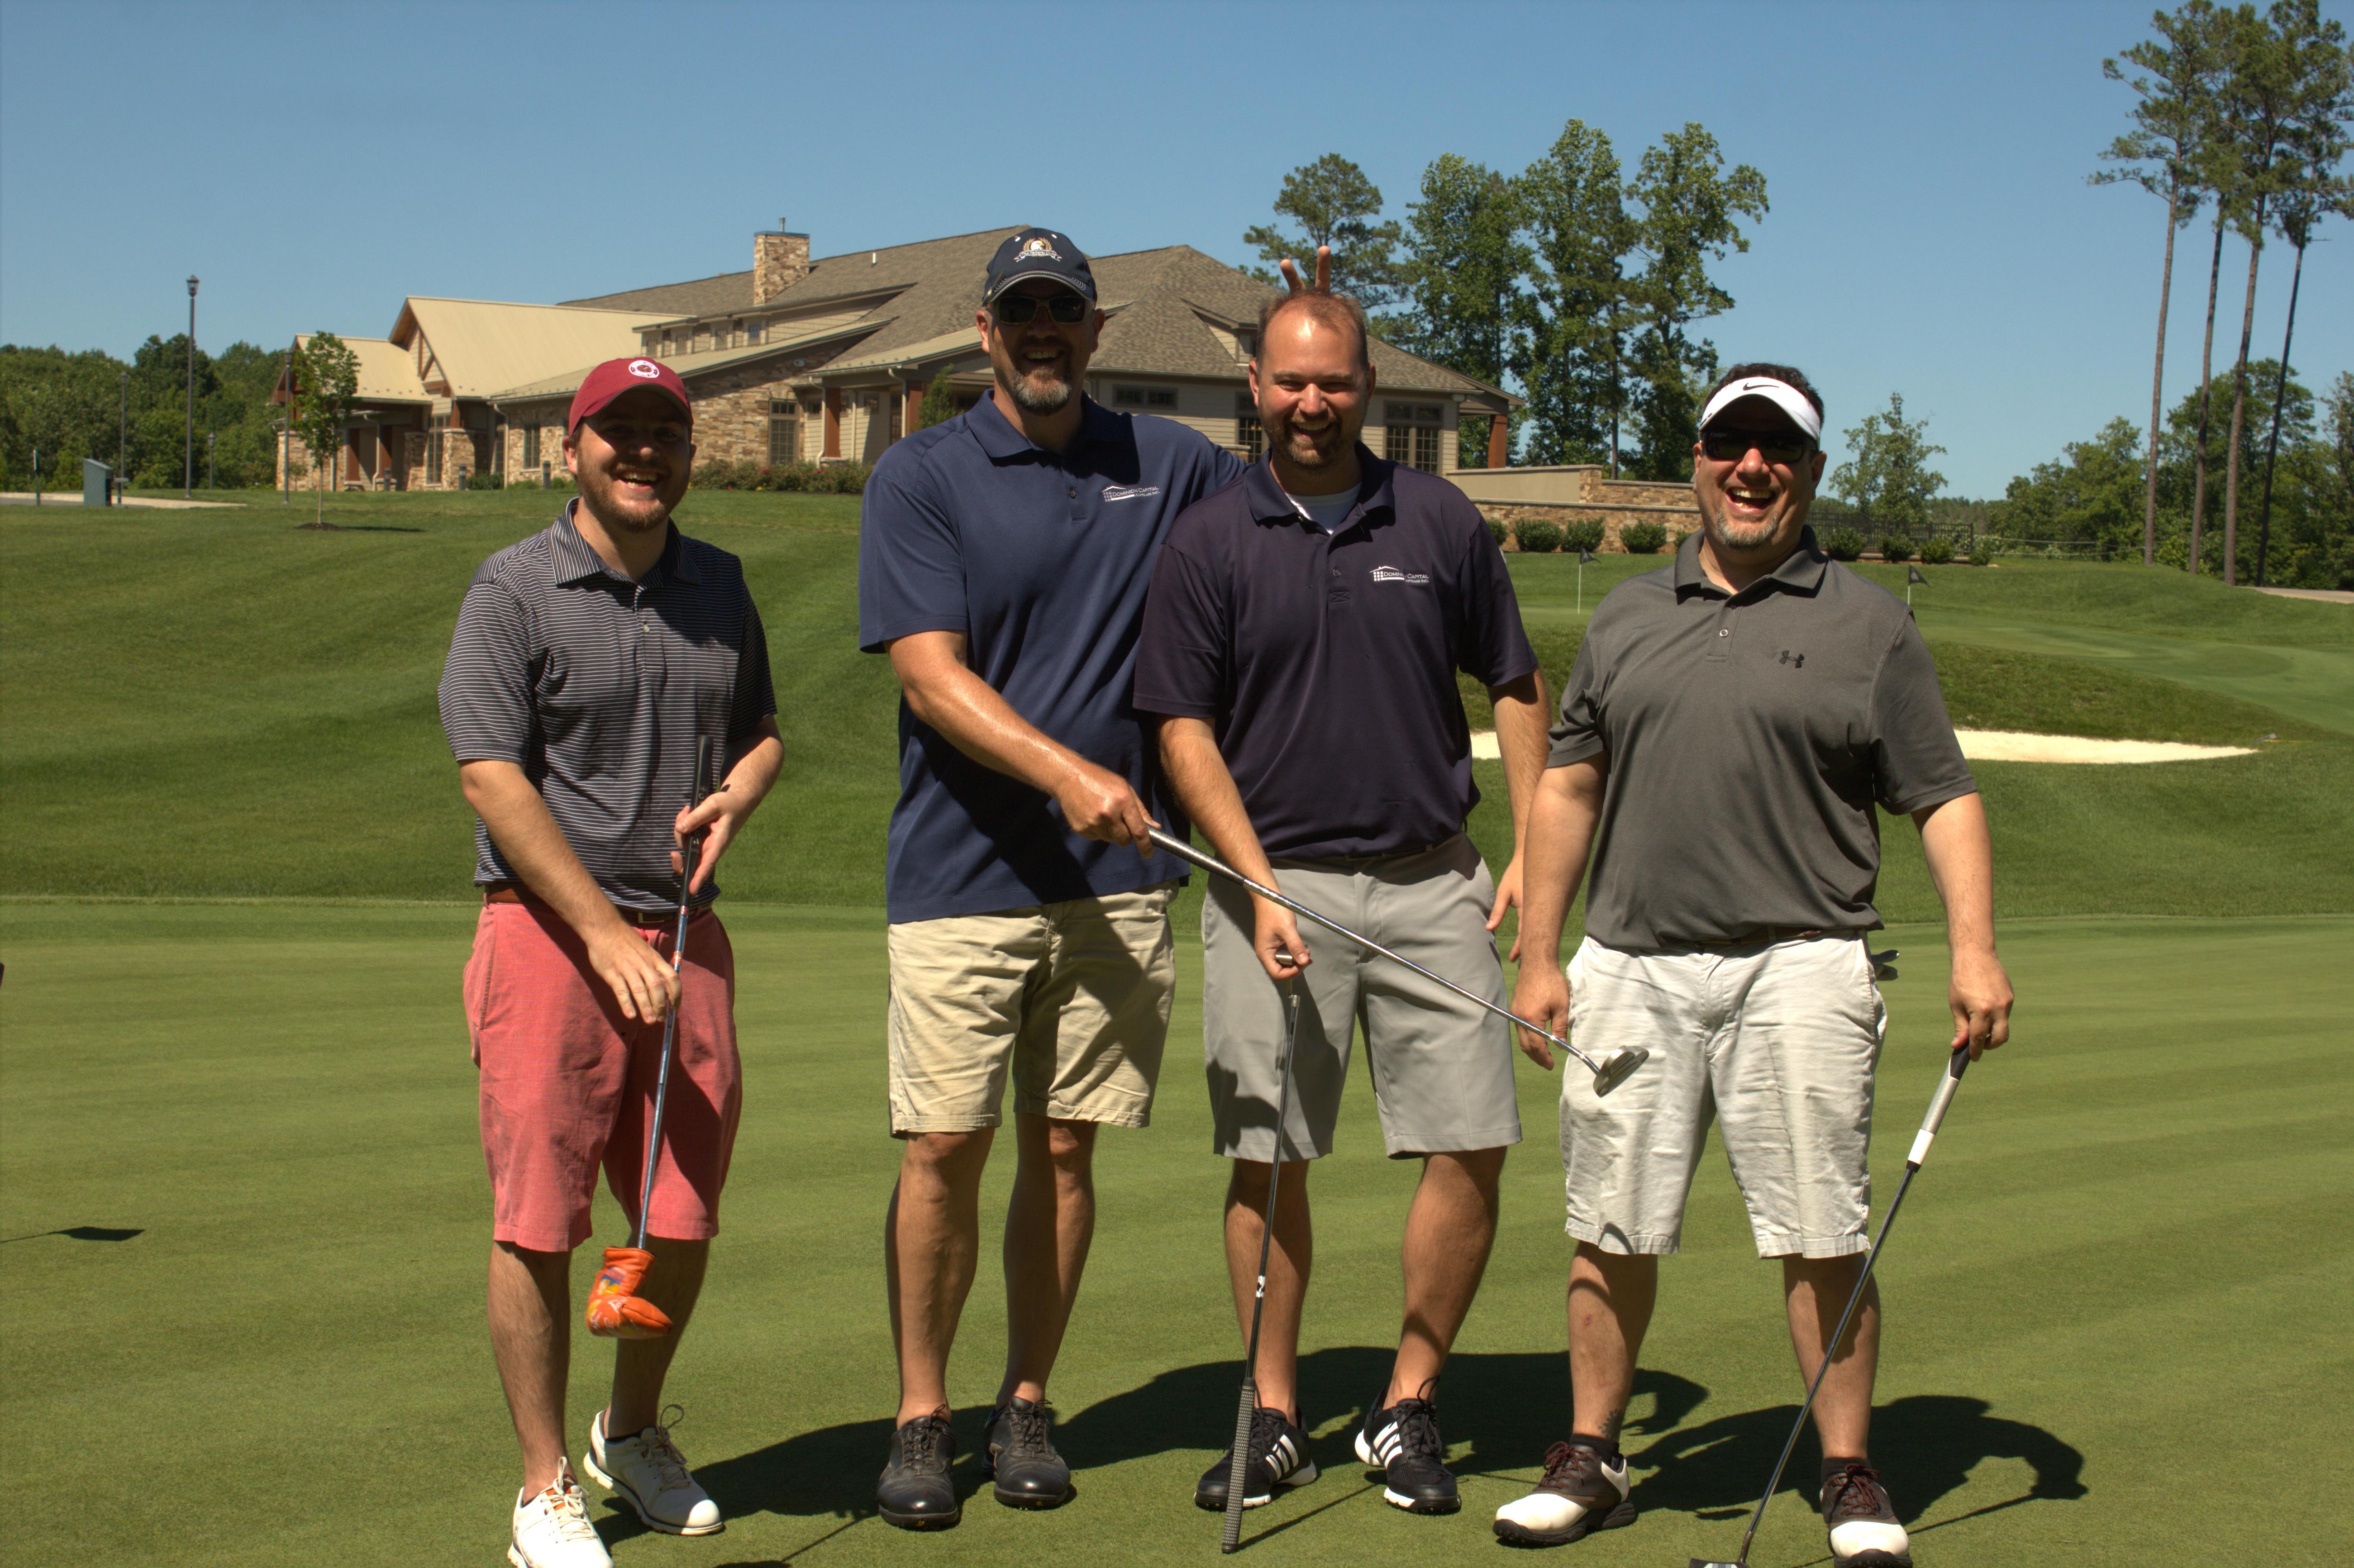 WRBA Golf Tournament Putting Contest 2019 Team-14-02.jpg